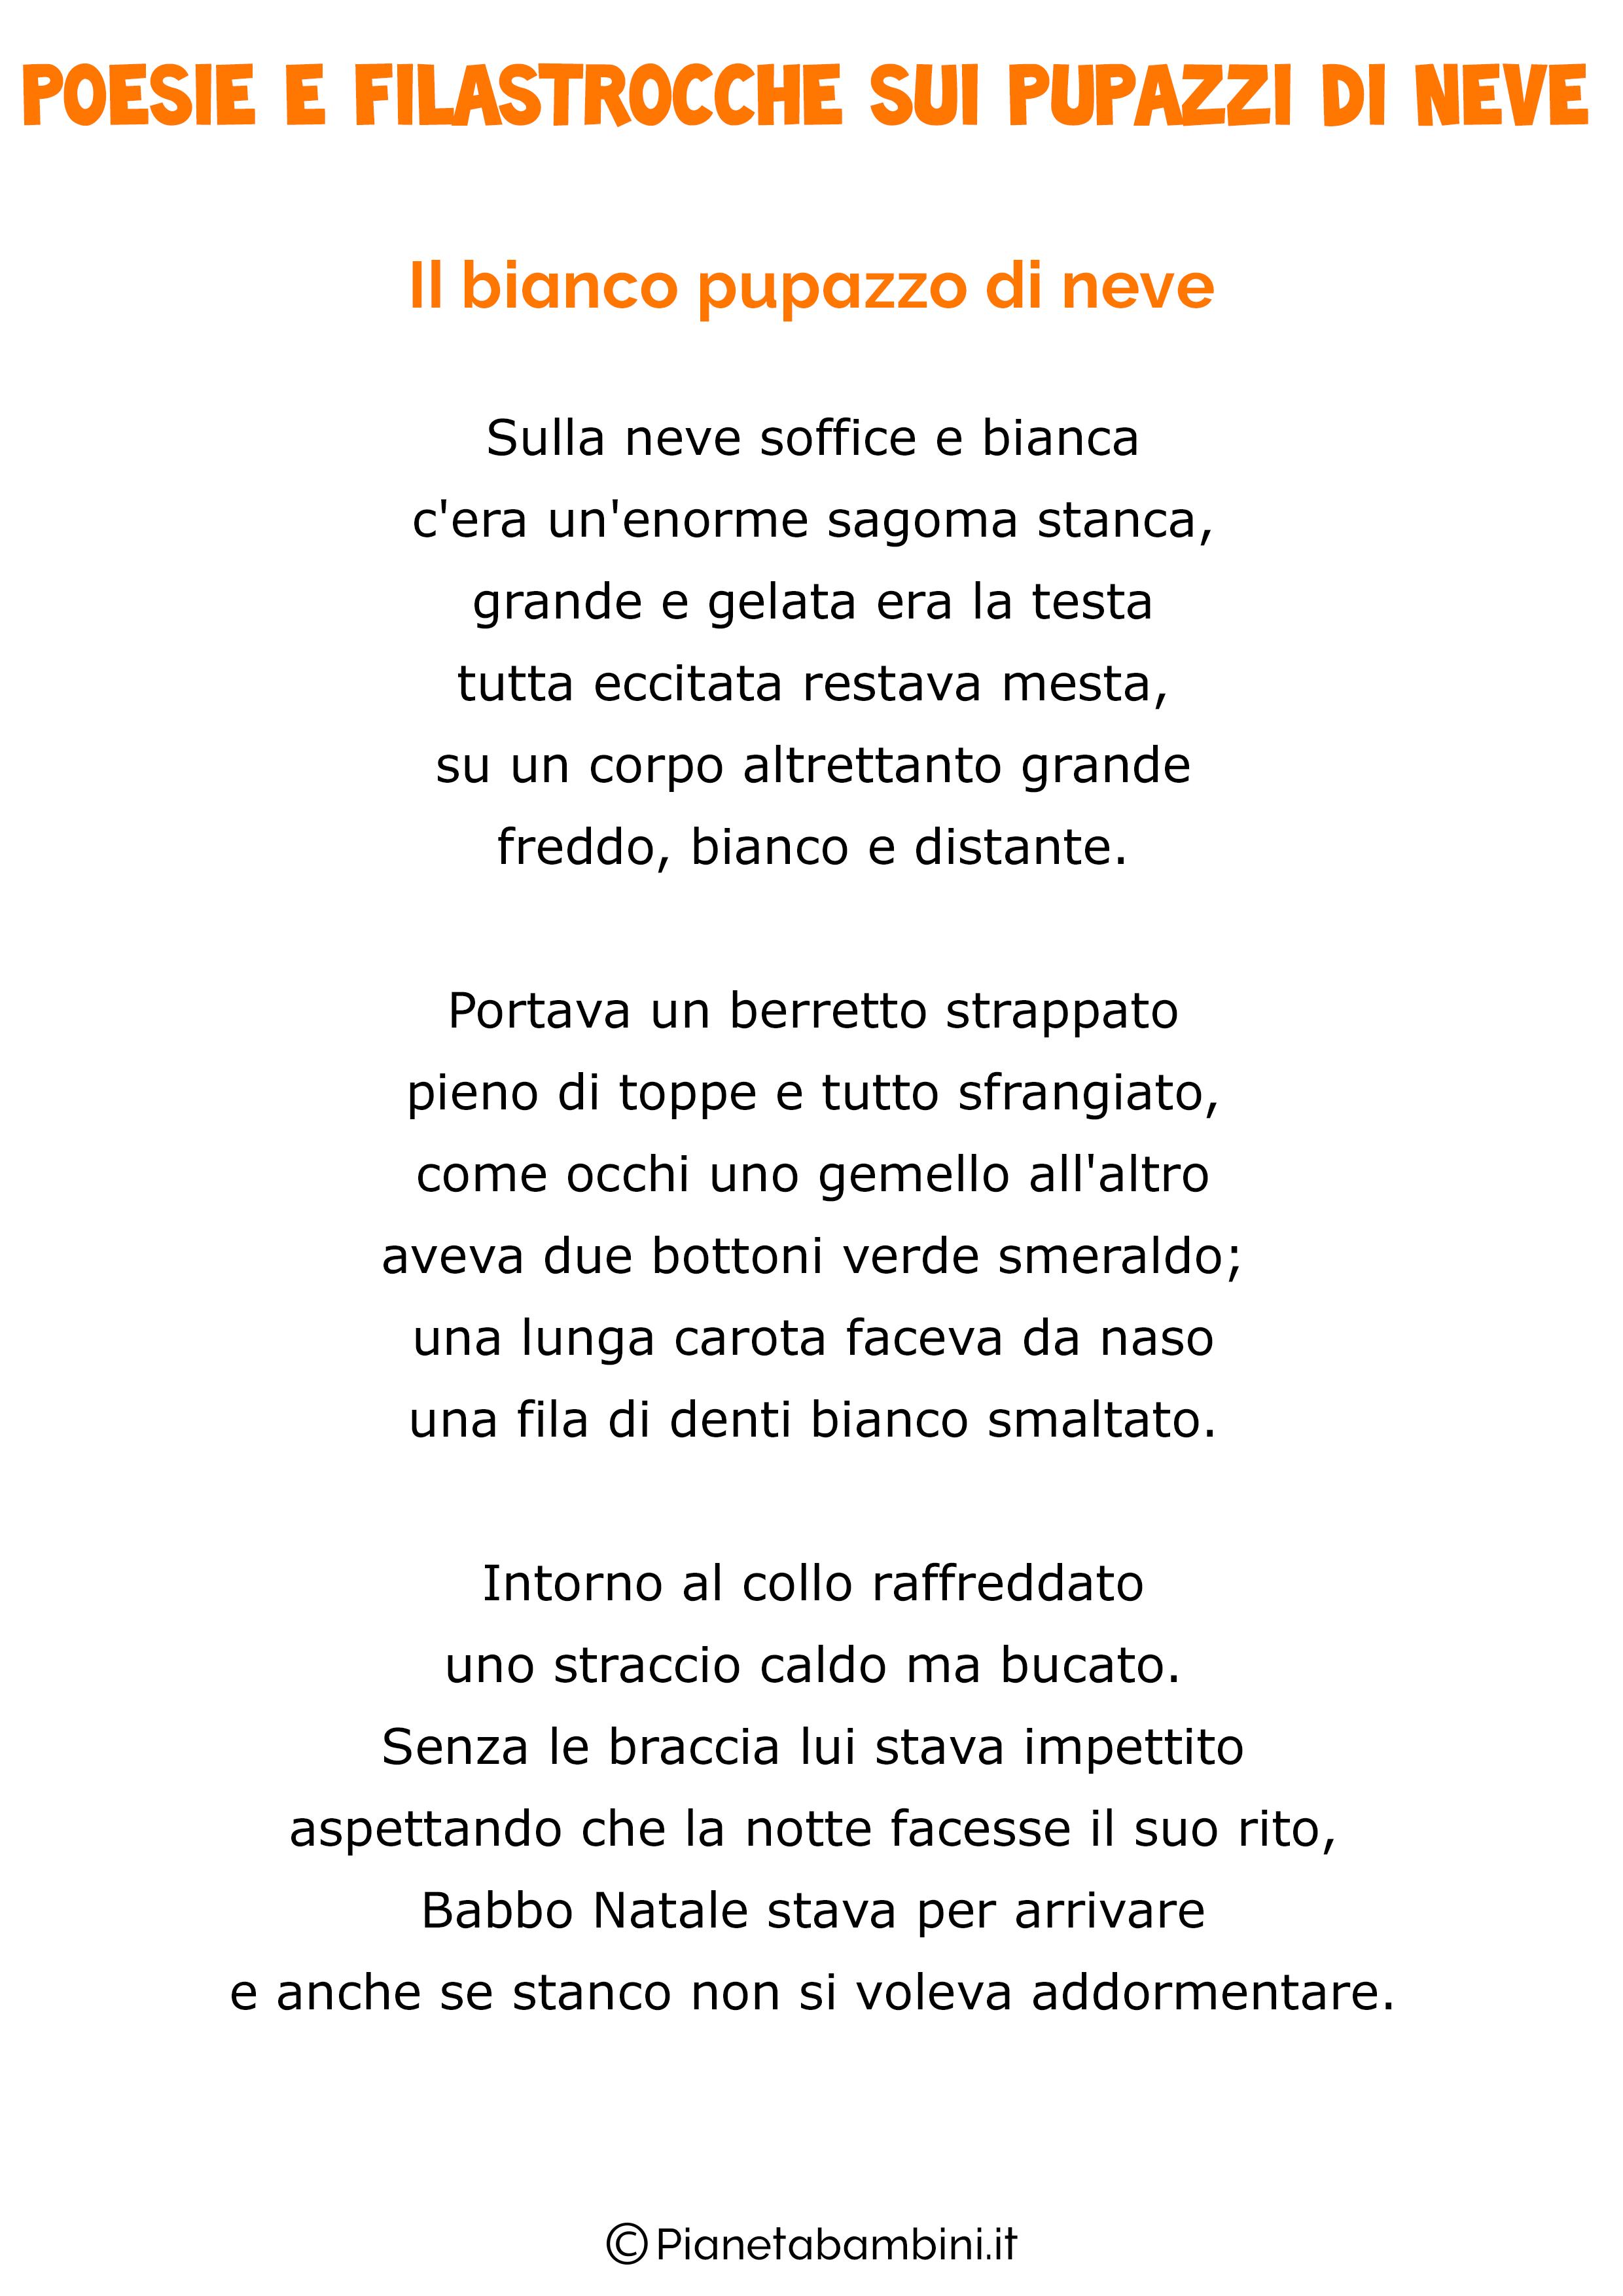 poesie e filastrocche